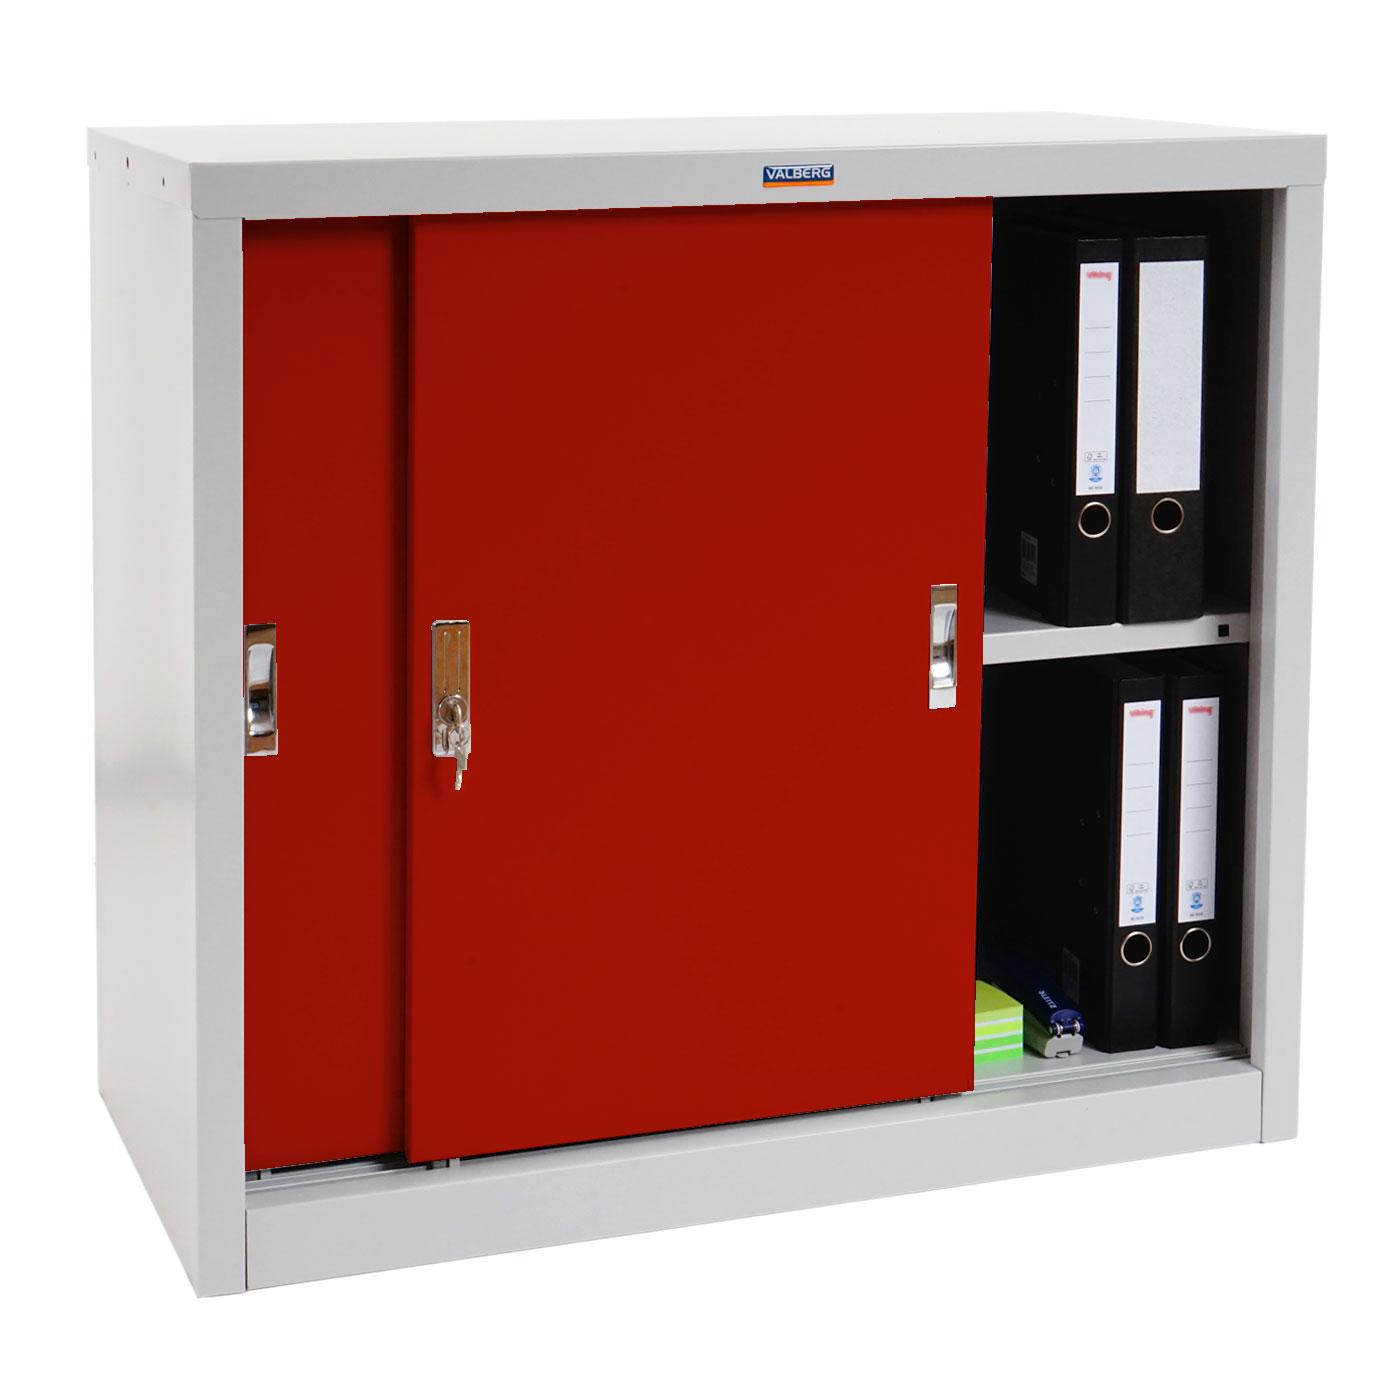 Valberg T333, Metallschrank Büroschrank, 2 Schiebetüren 83x91x46cm ~ rot